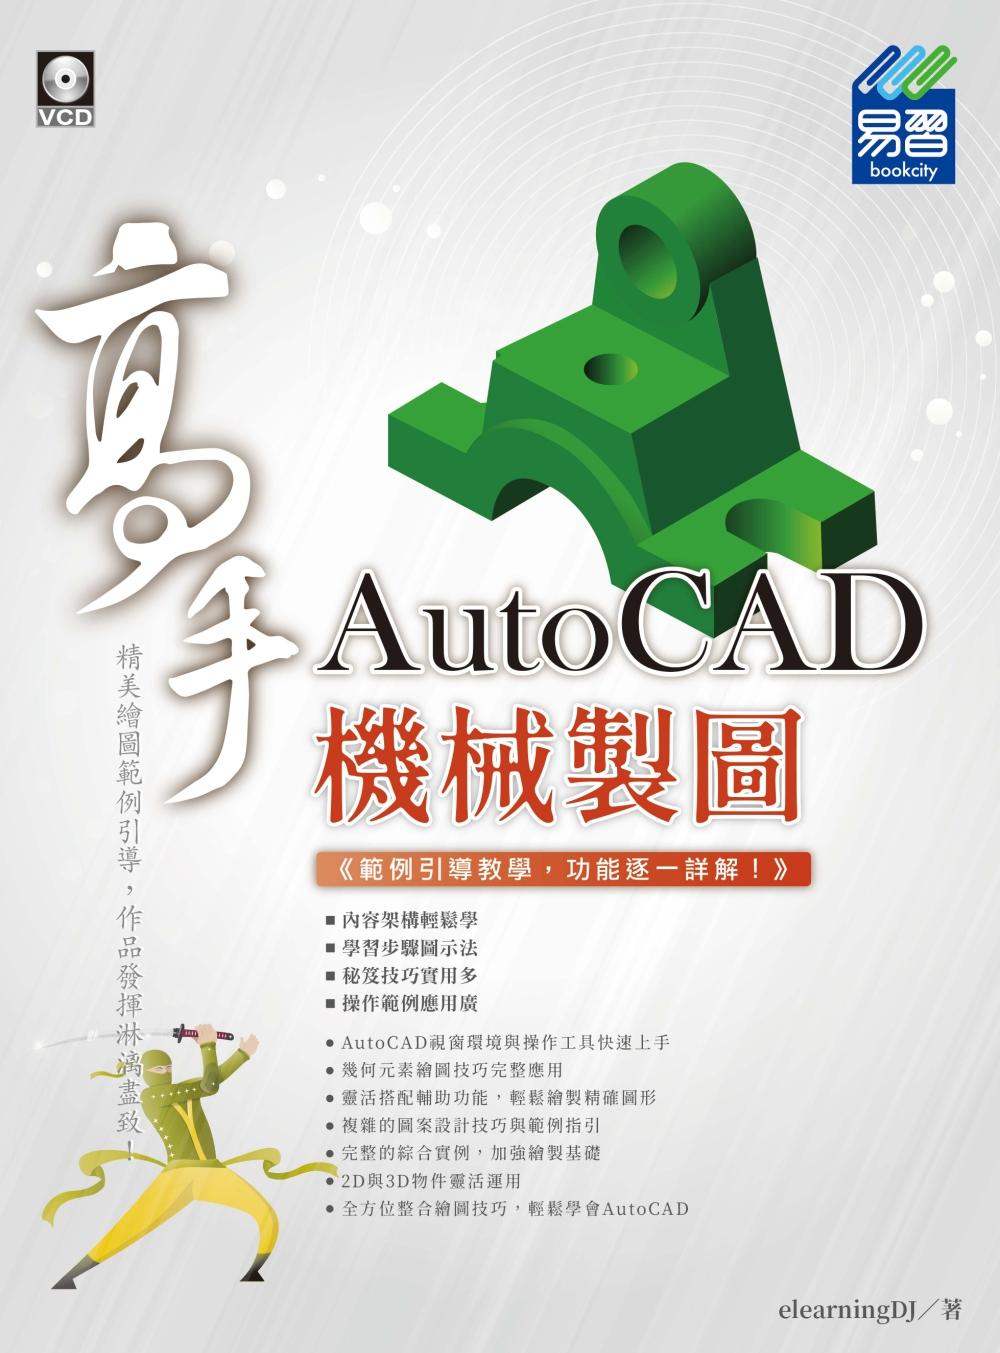 AutoCAD機械製圖 高手